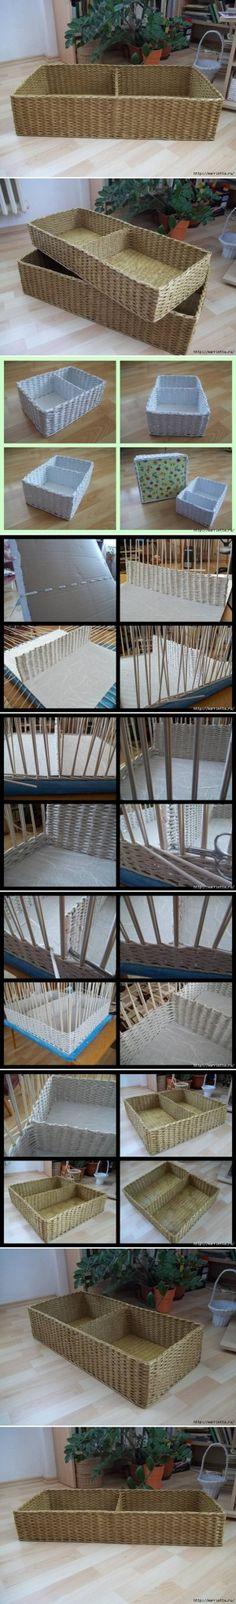 DIY Basket jornal com compartimentos DIY jornal Cesta com compartimentos por diyforever